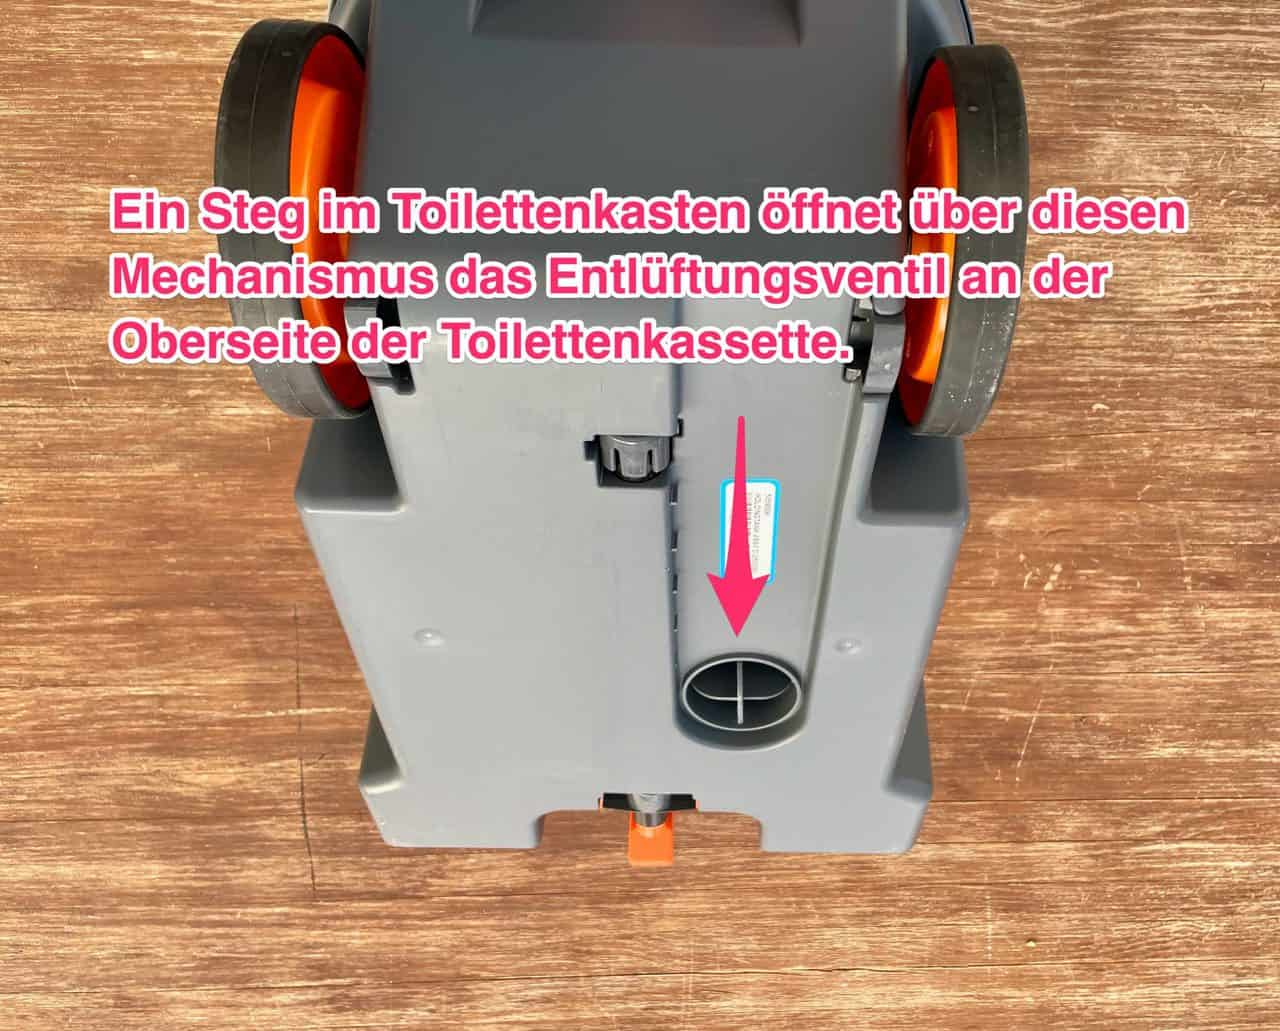 Thetford-Toilettenkassette-Druckausgleichsventil-geöffnet-Unangenehme-Gerüche-stinkt-1